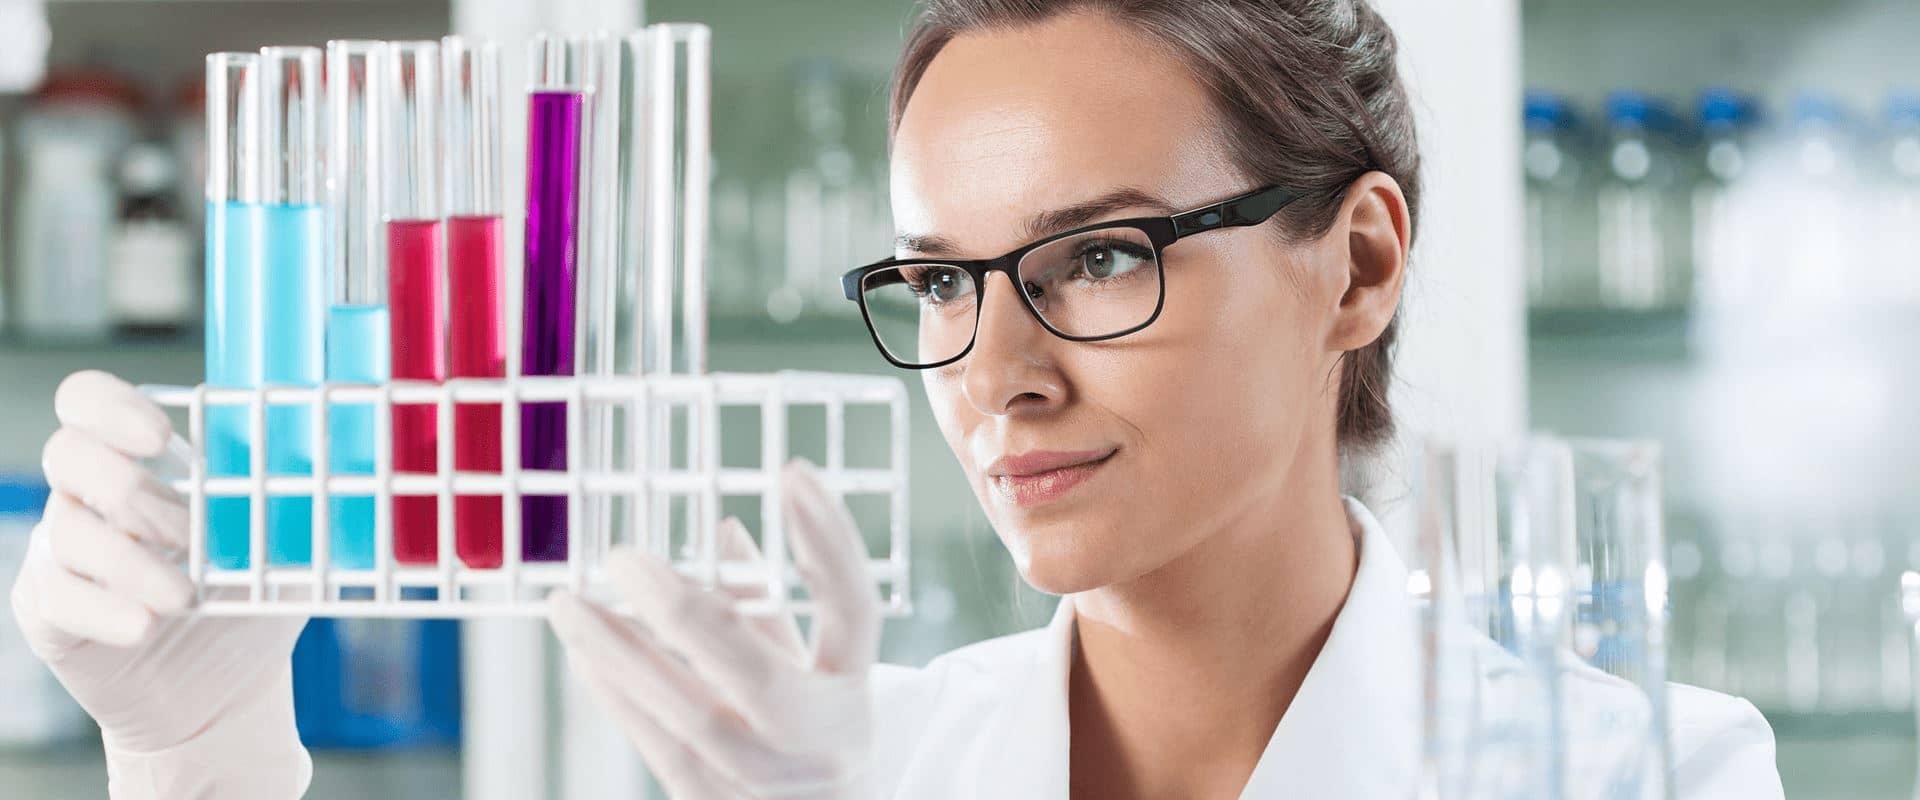 χημεία α΄ λυκείου Φώτη Κουφόπουλου